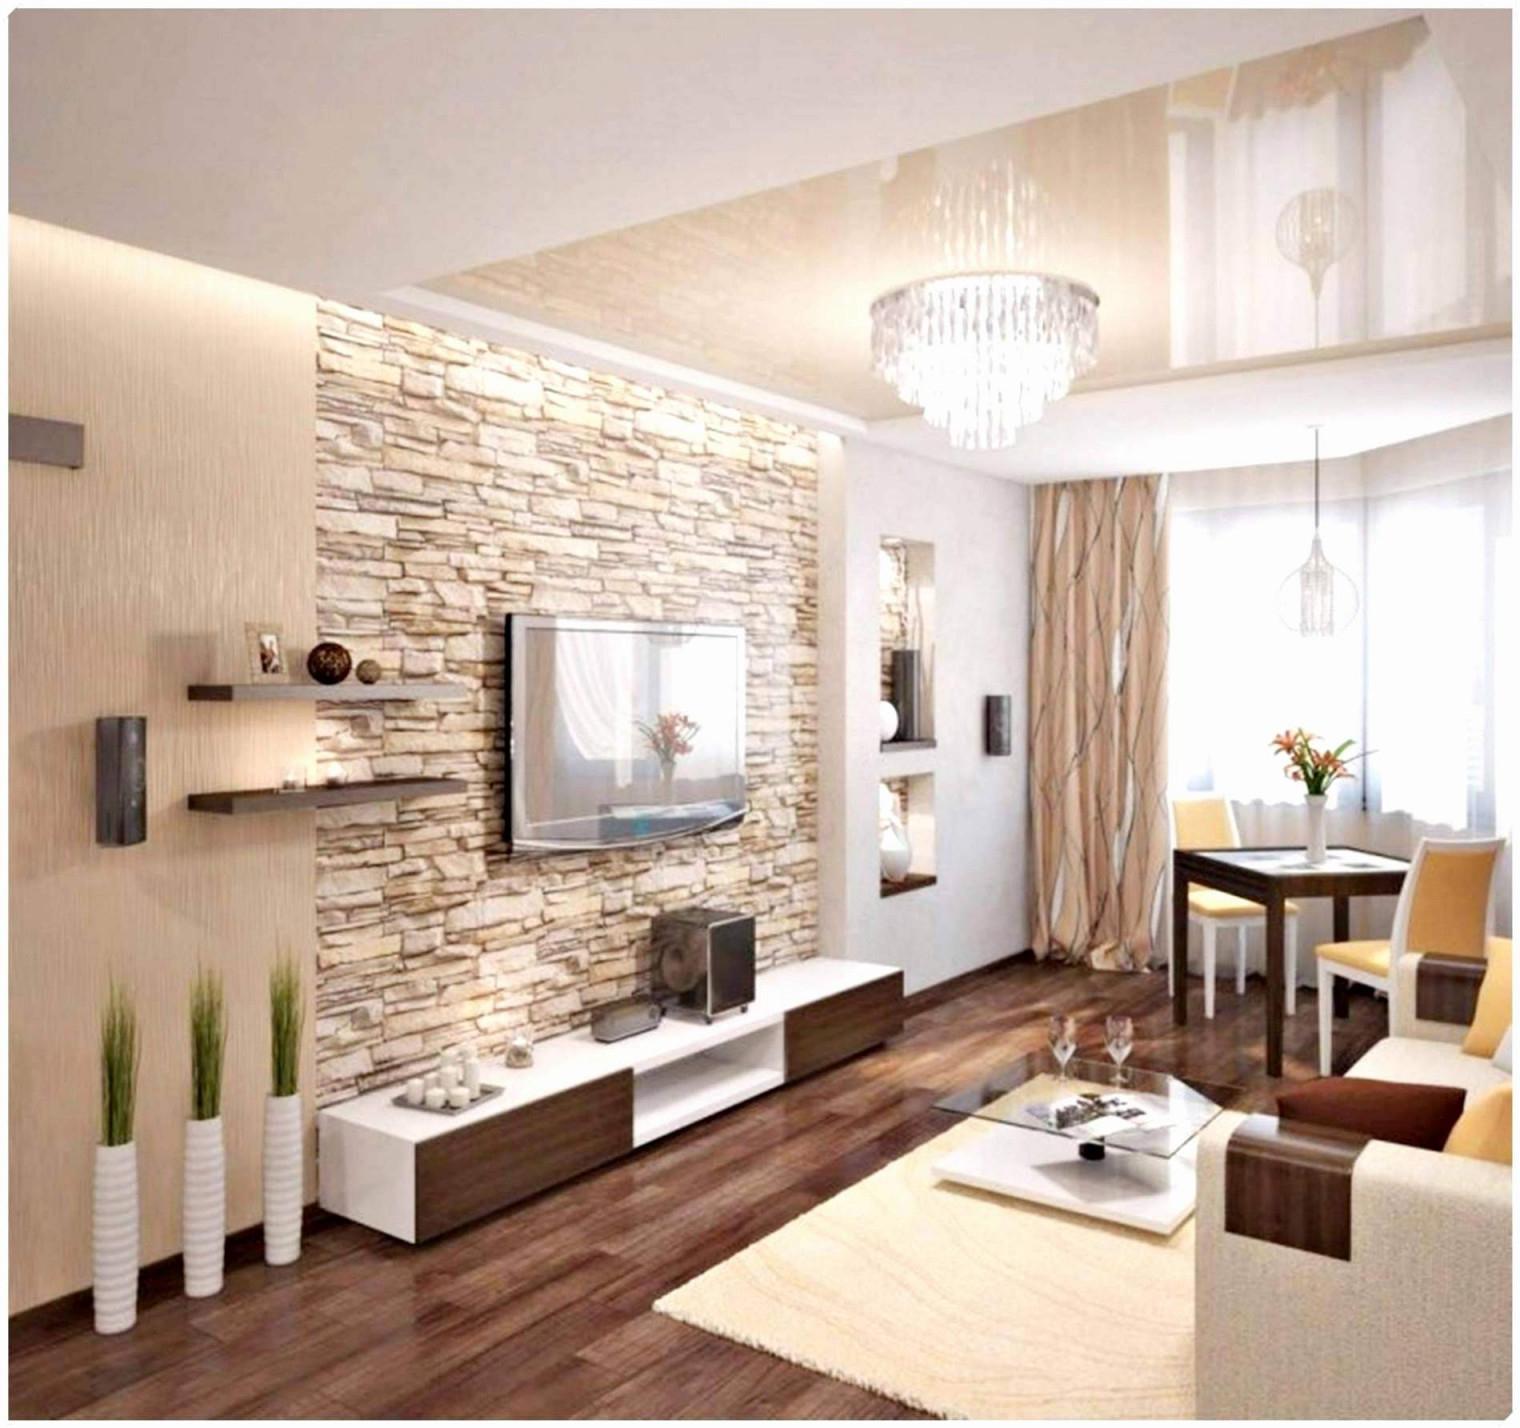 36 Neu Wandgestaltung Wohnzimmer Farbe Schön  Wohnzimmer Frisch von Ideen Wandgestaltung Wohnzimmer Bild